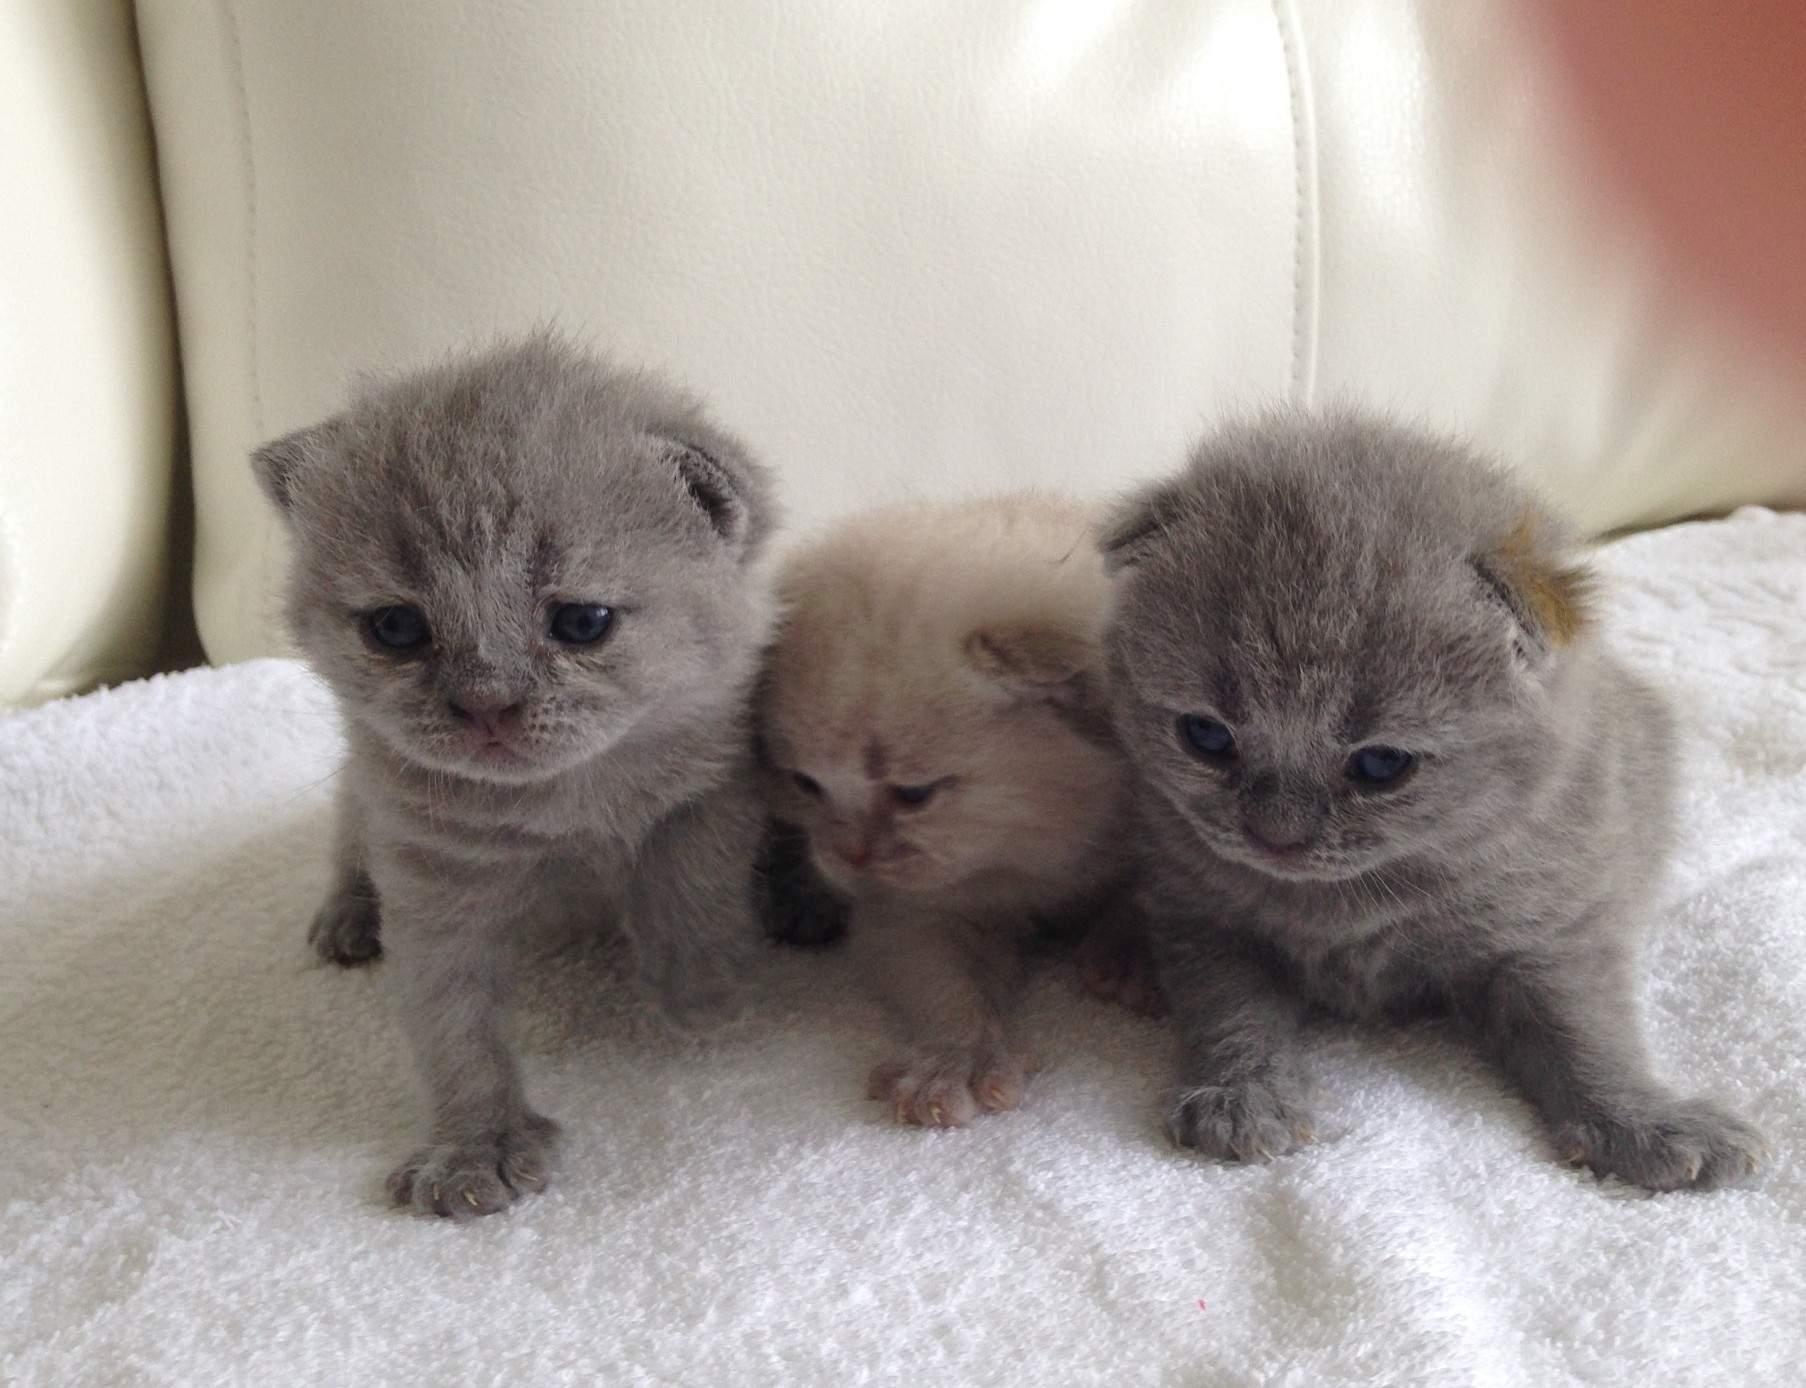 картинки какие котята бывают маслу